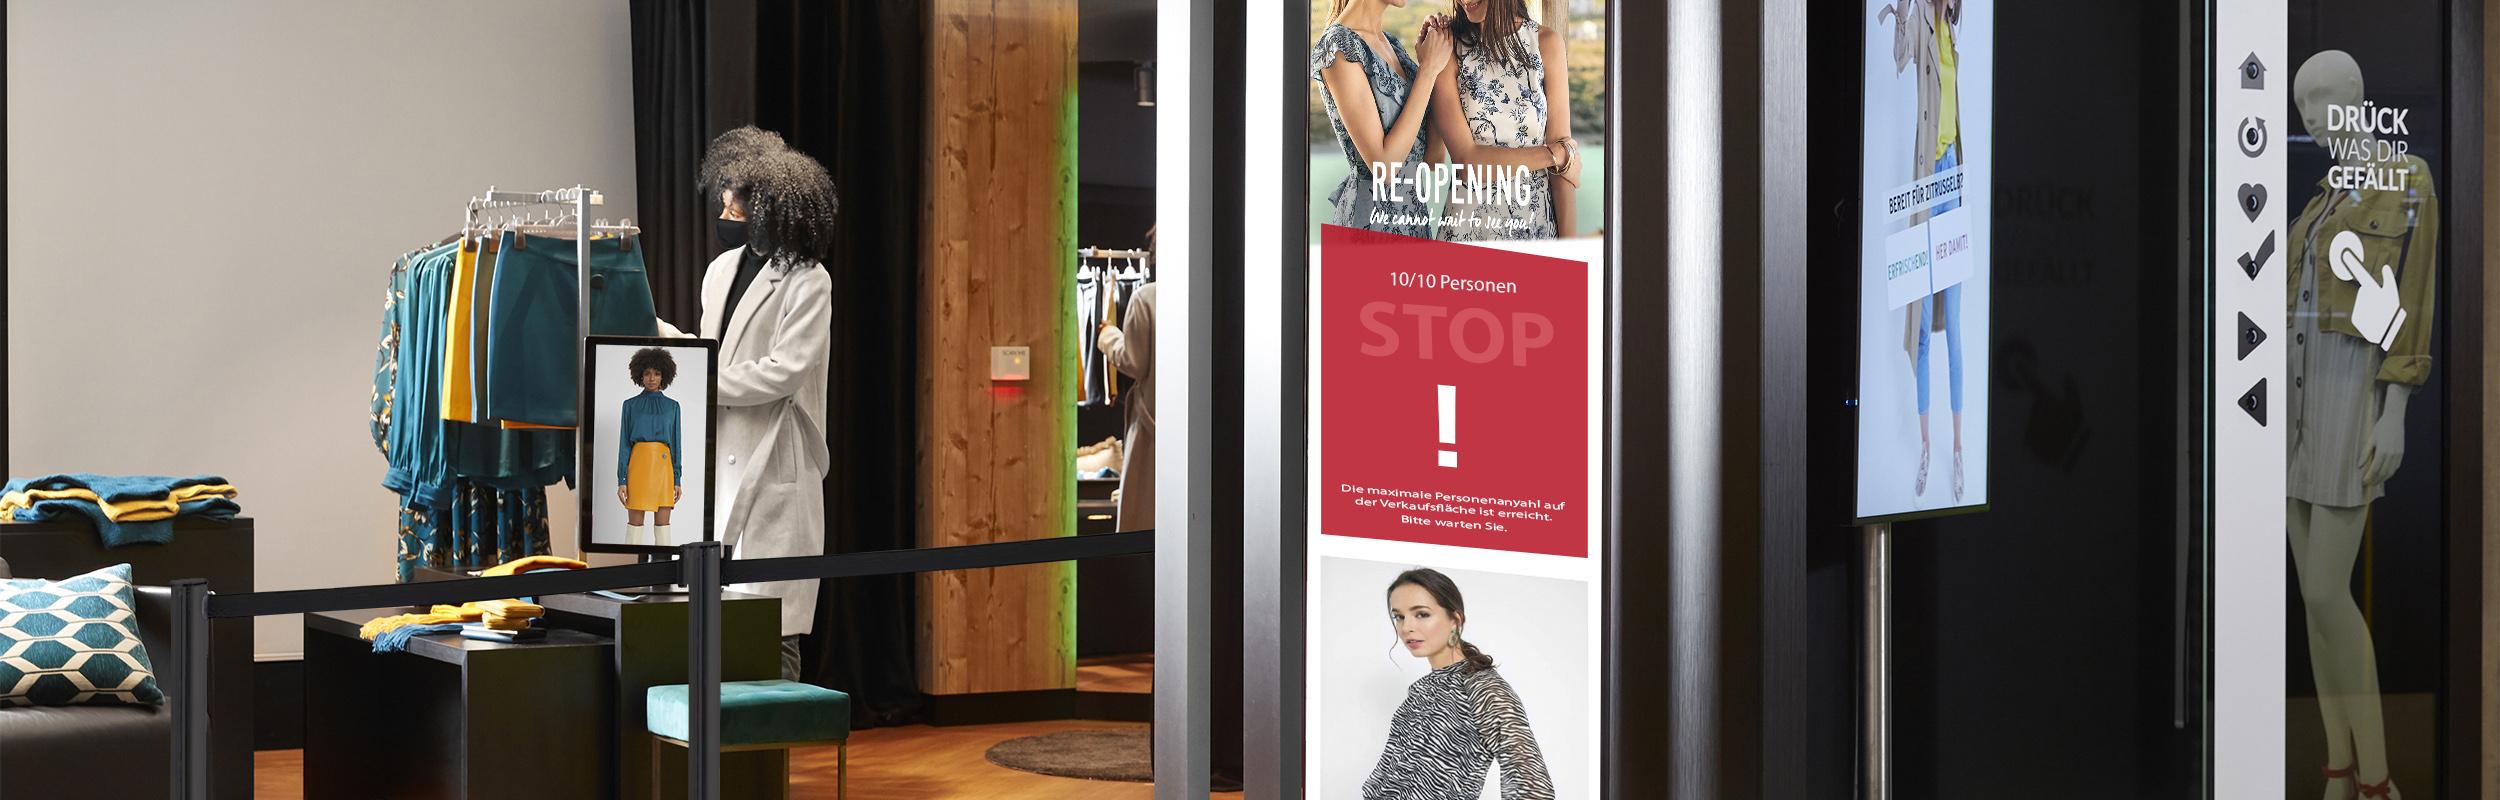 LED Poster mit Einlasskontrolle im Bütema AG Showroom München